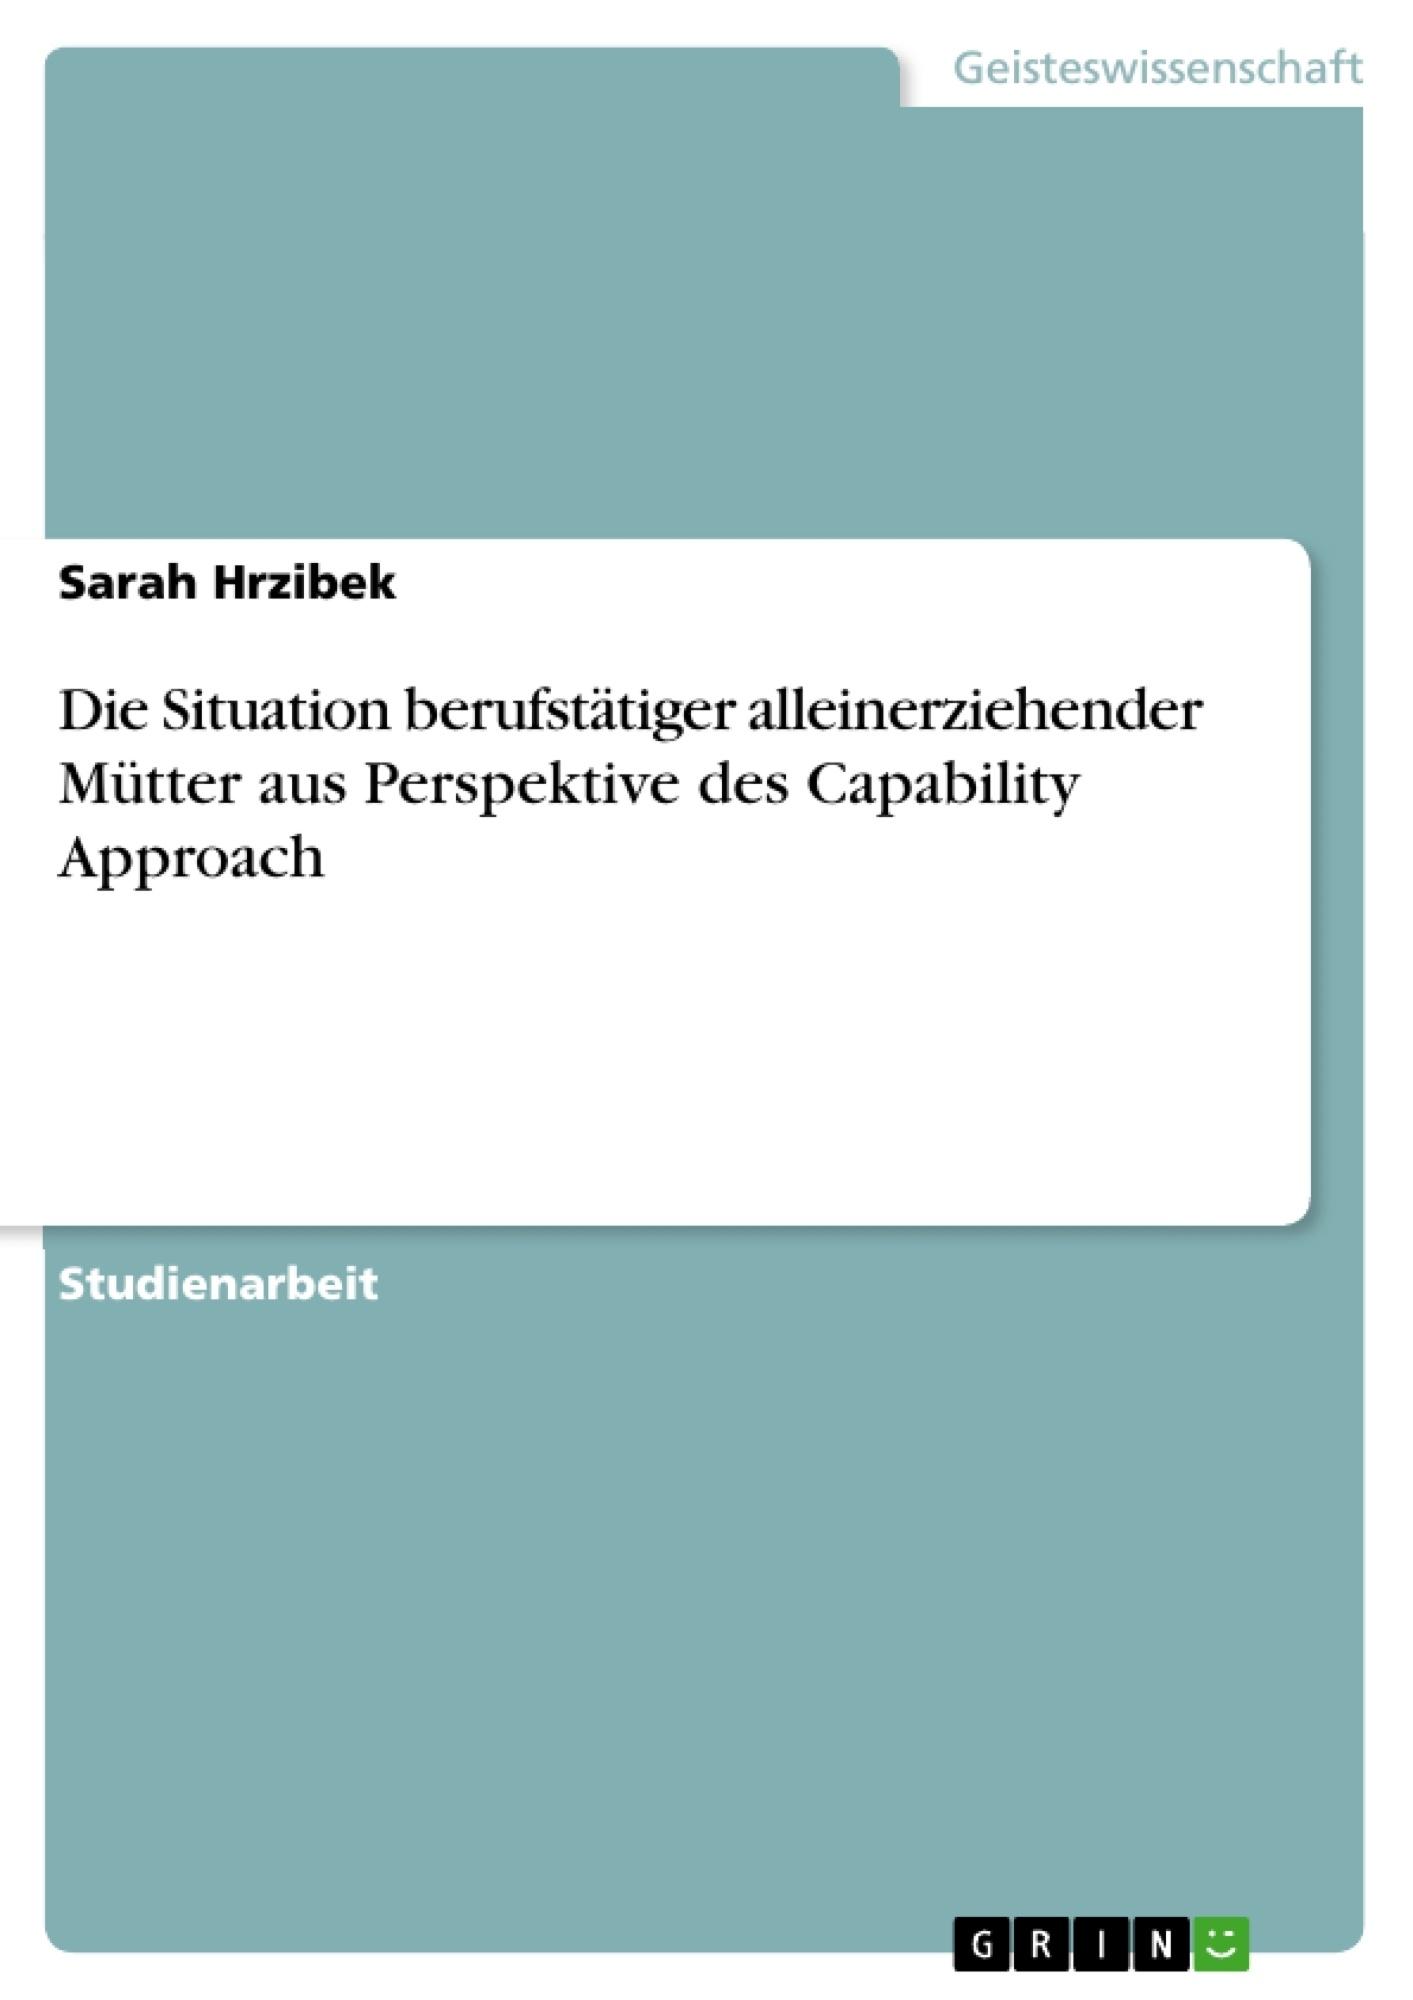 Titel: Die Situation berufstätiger alleinerziehender Mütter aus Perspektive des Capability Approach